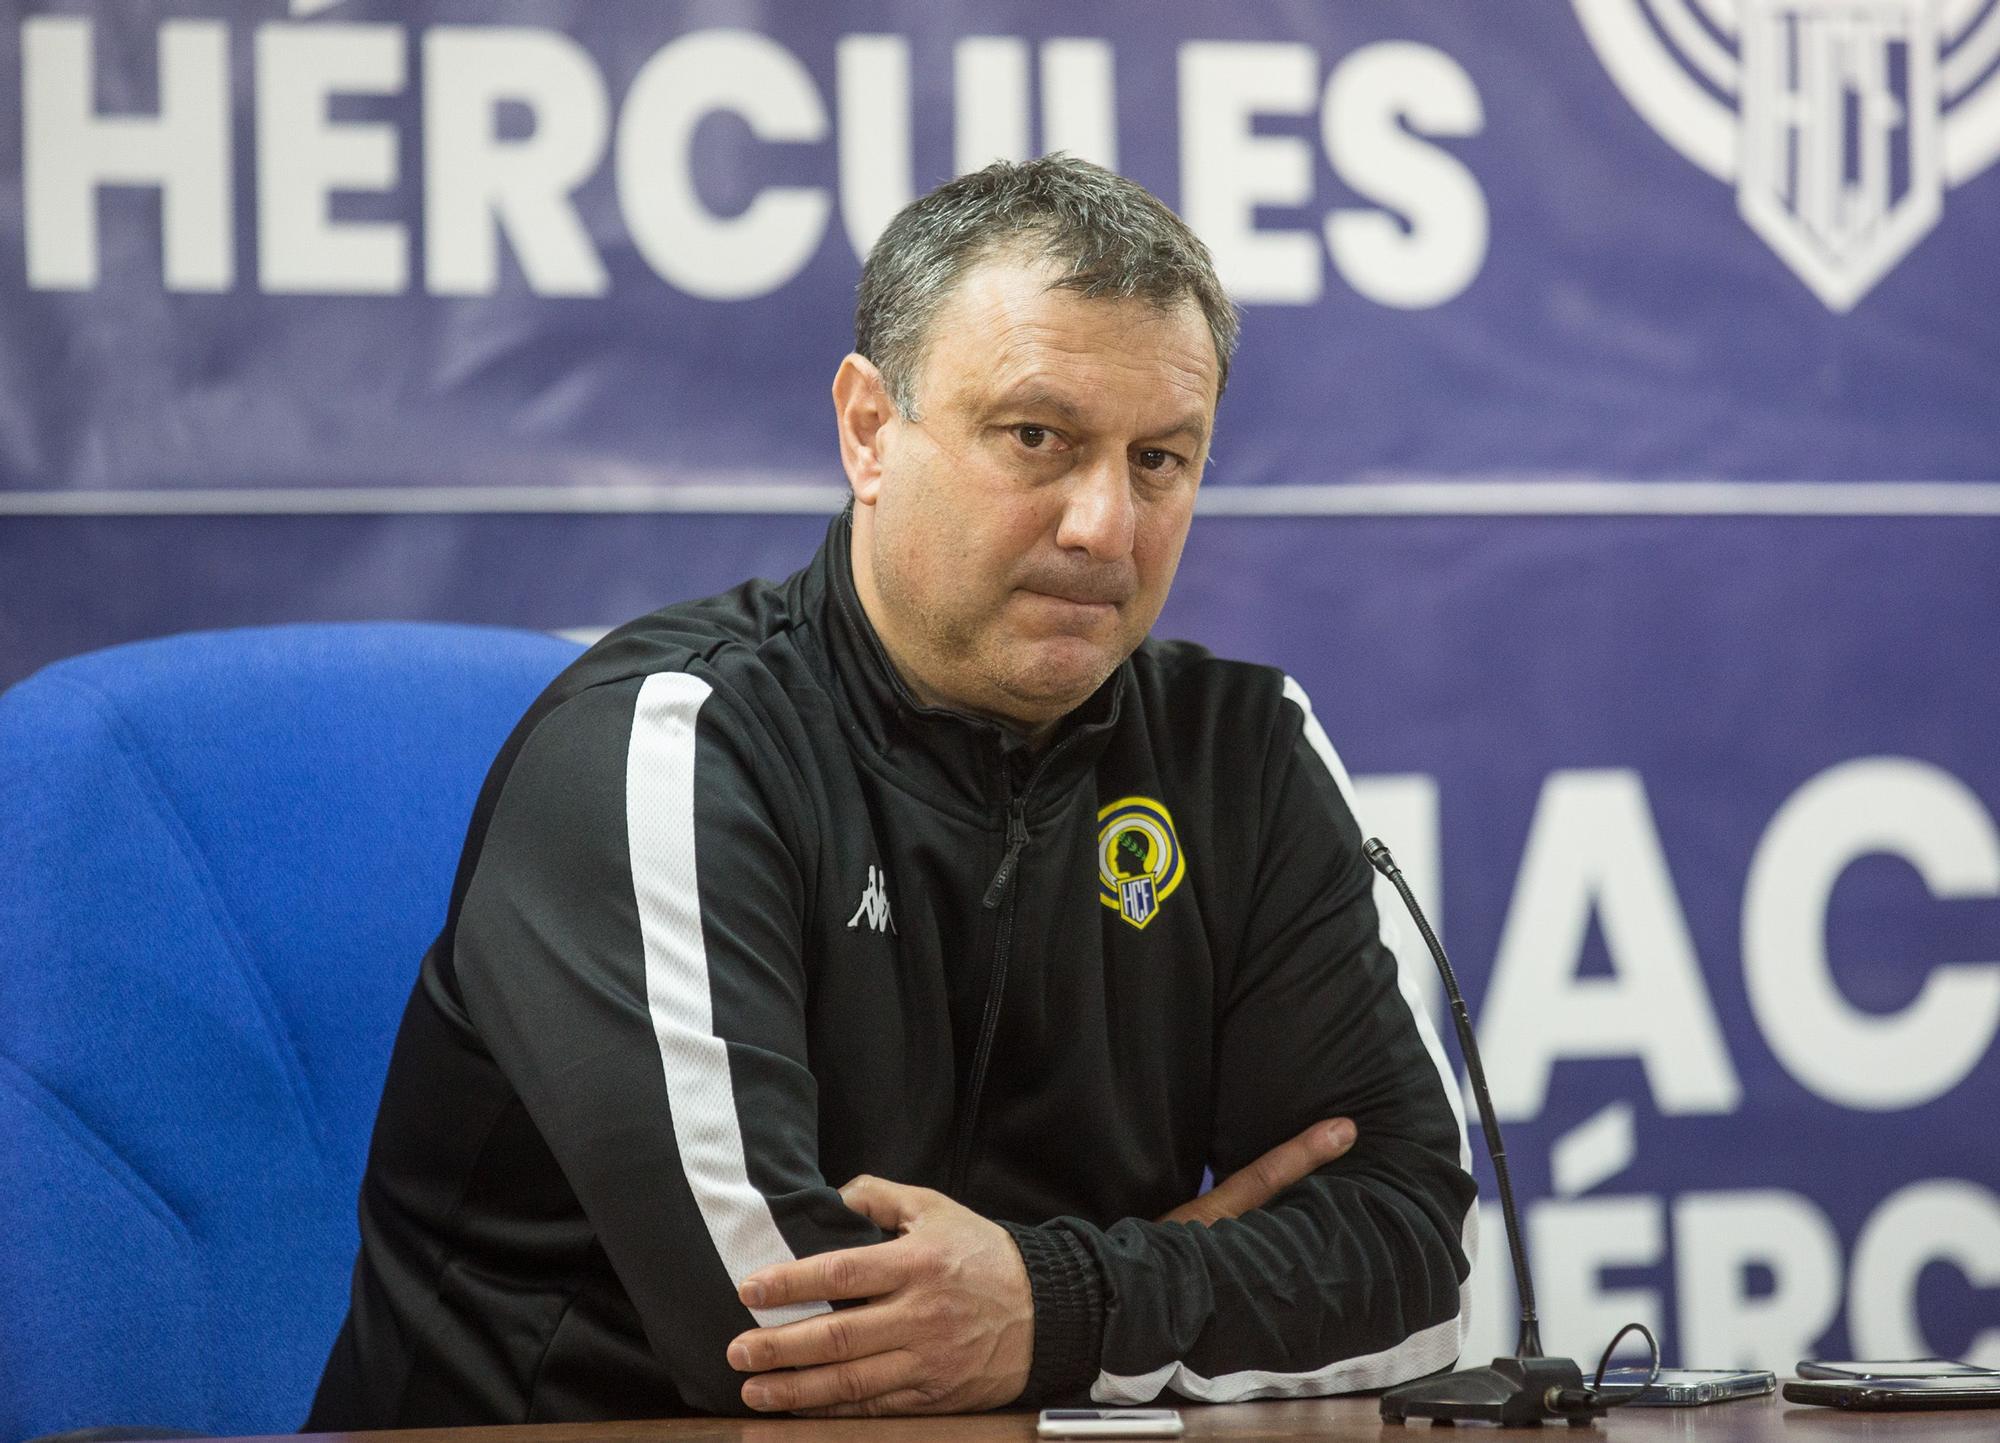 Presentación del nuevo entrenador del Hércules, Manolo Díaz